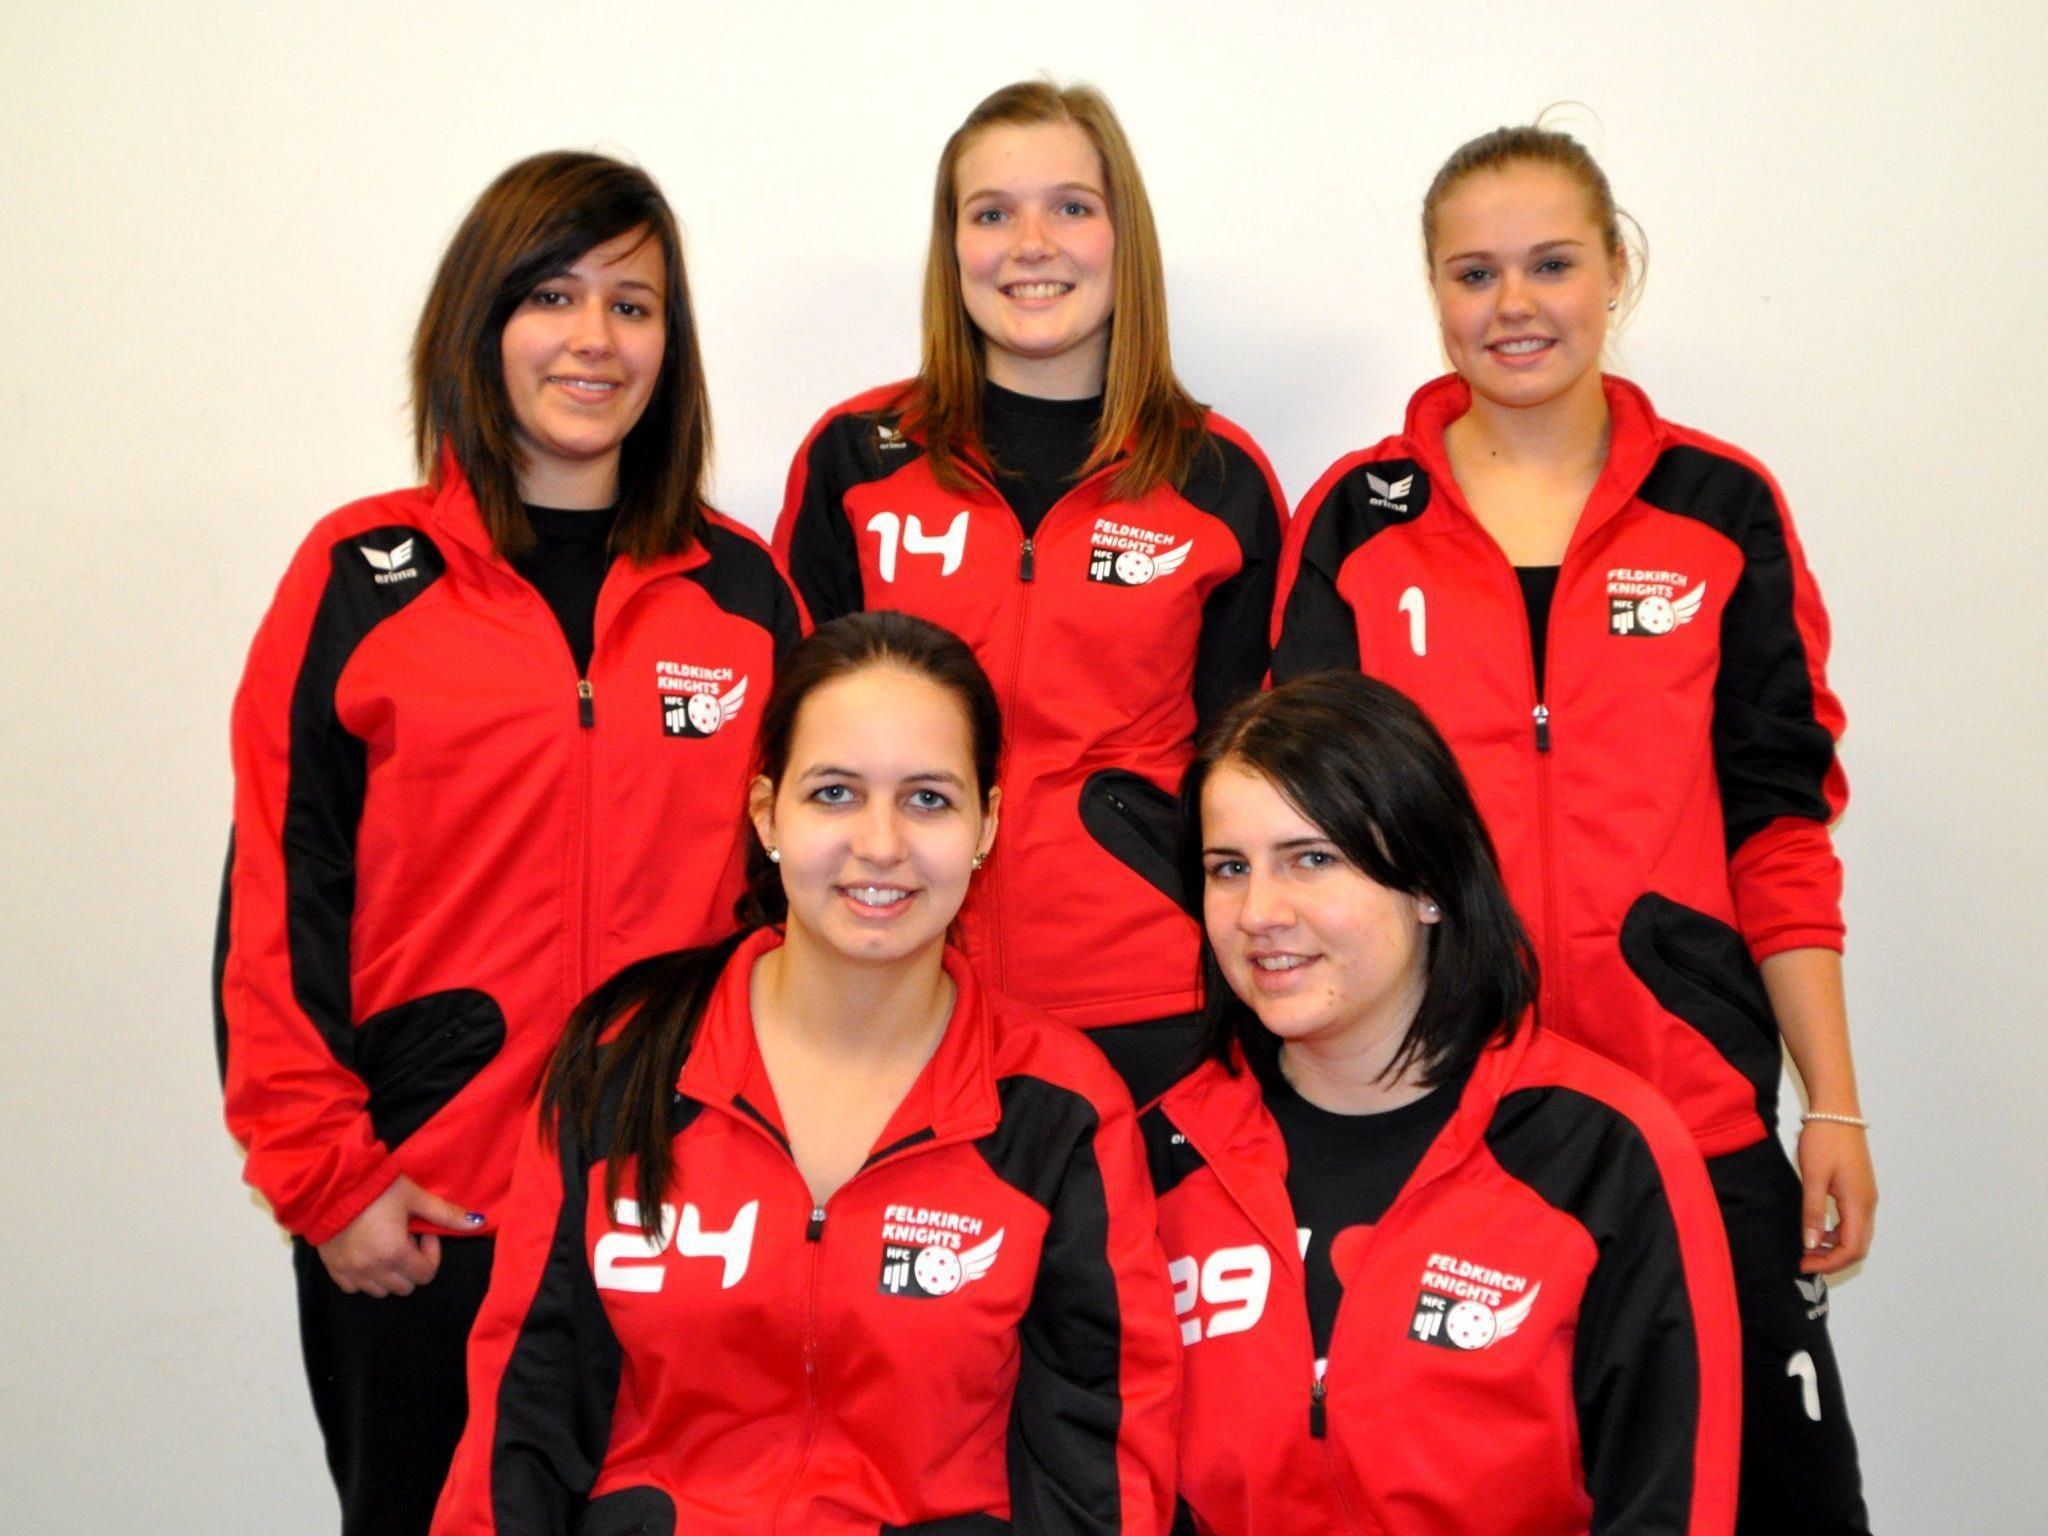 Fünf Feldkircherinnen vertreten die Ländle-Farben bei der Unihockey U-19-WM in Nitra.